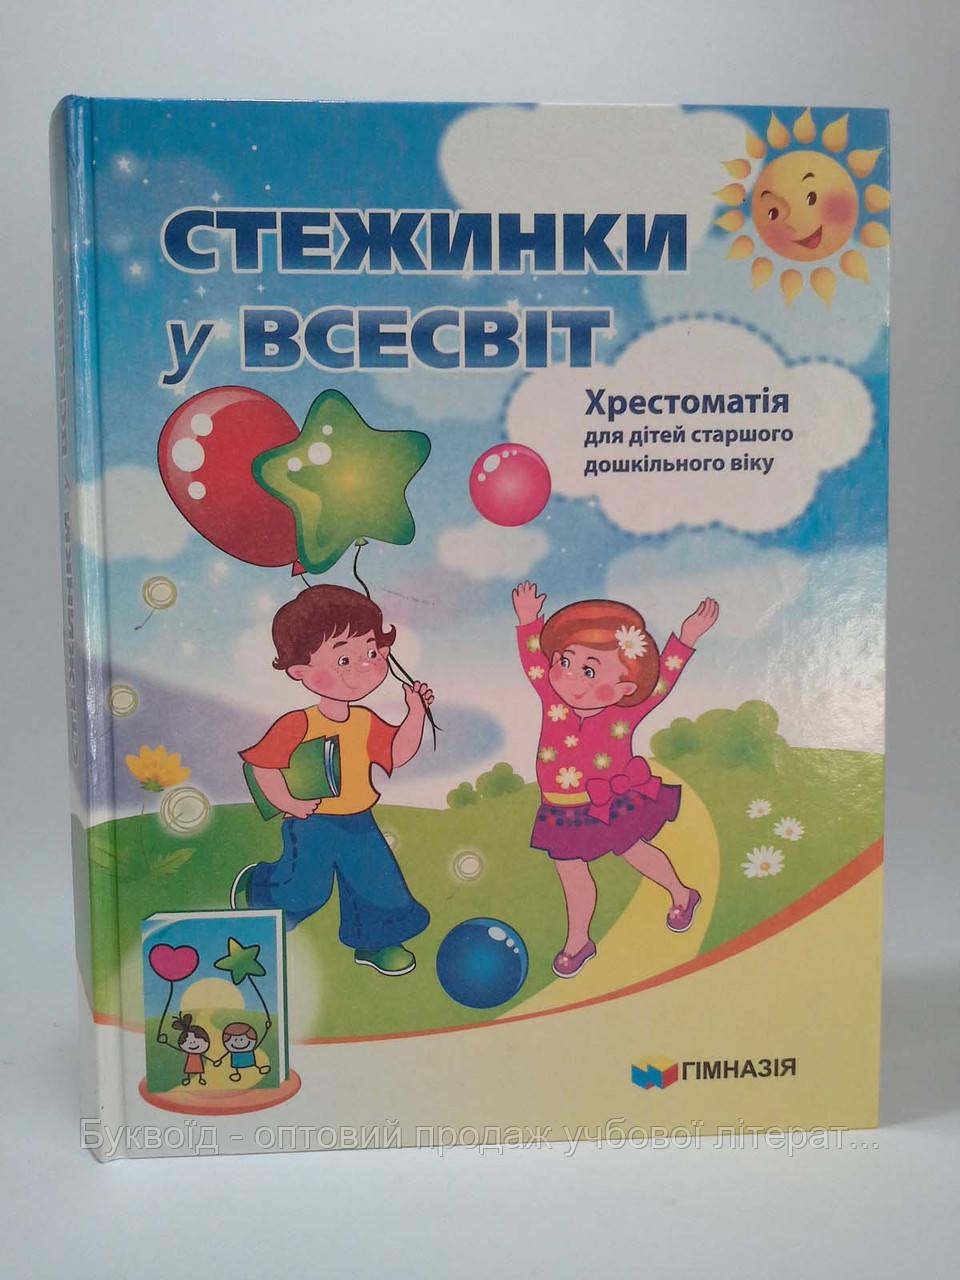 000-3 Хрестоматія Гімназія Стежинки у всесвіт Хрестоматія для дітей старшого дошкільного віку